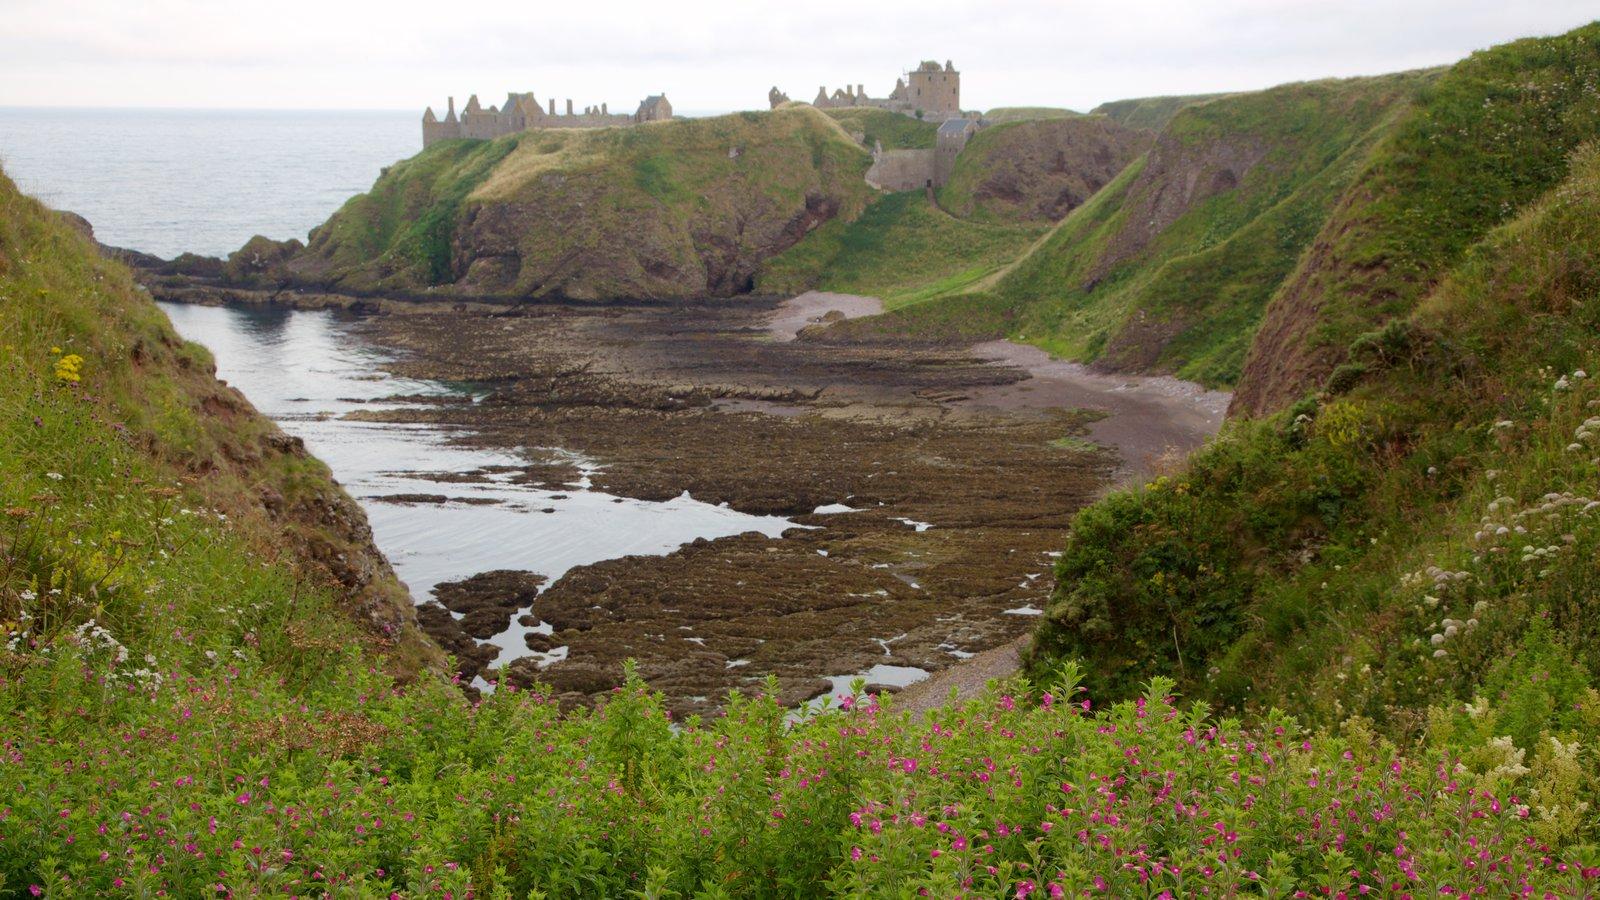 Dunnottar Castle ofreciendo vistas generales de la costa y tierras de cultivo